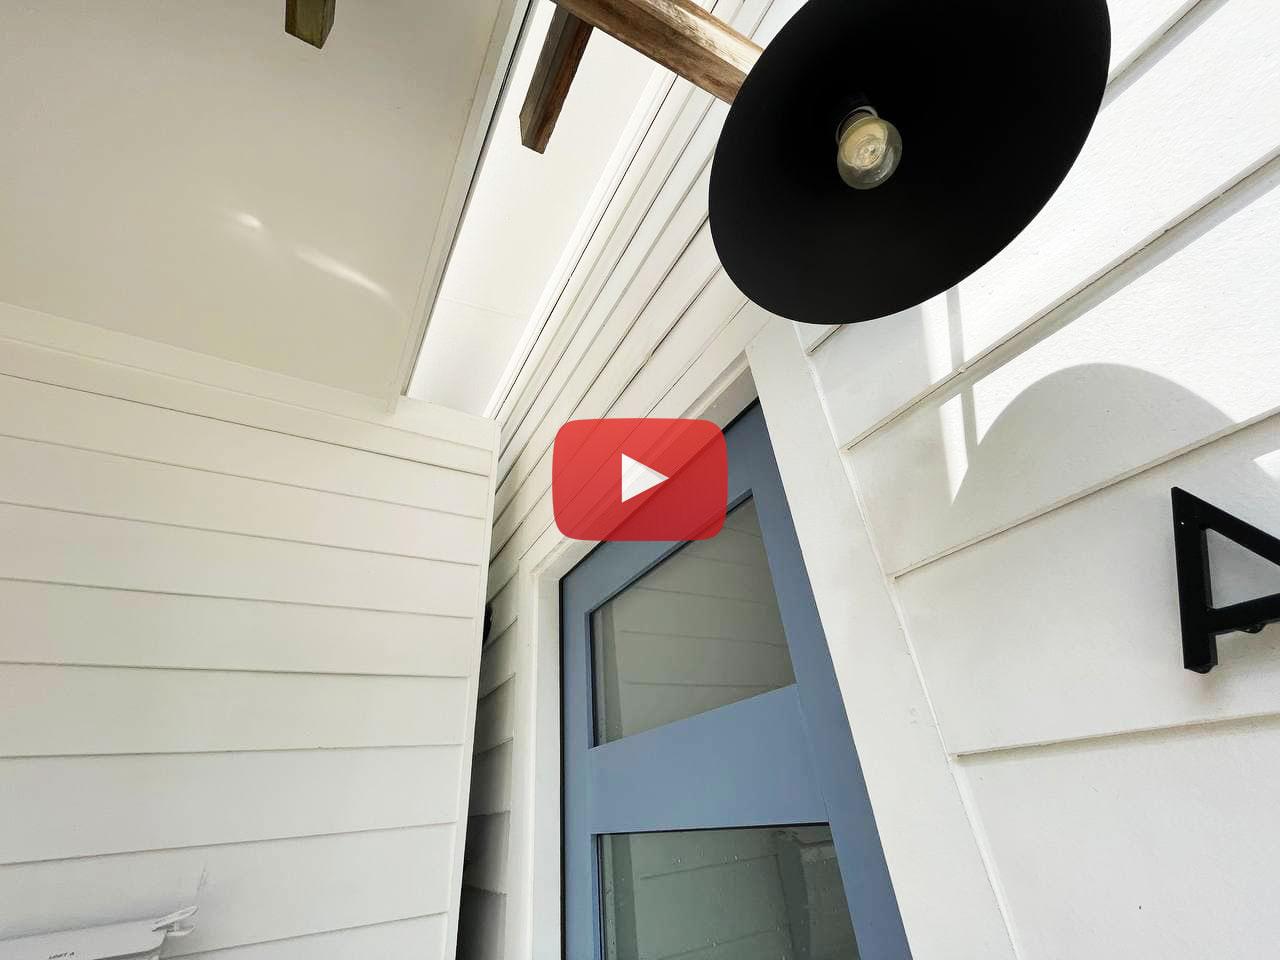 house washing austin tx video image